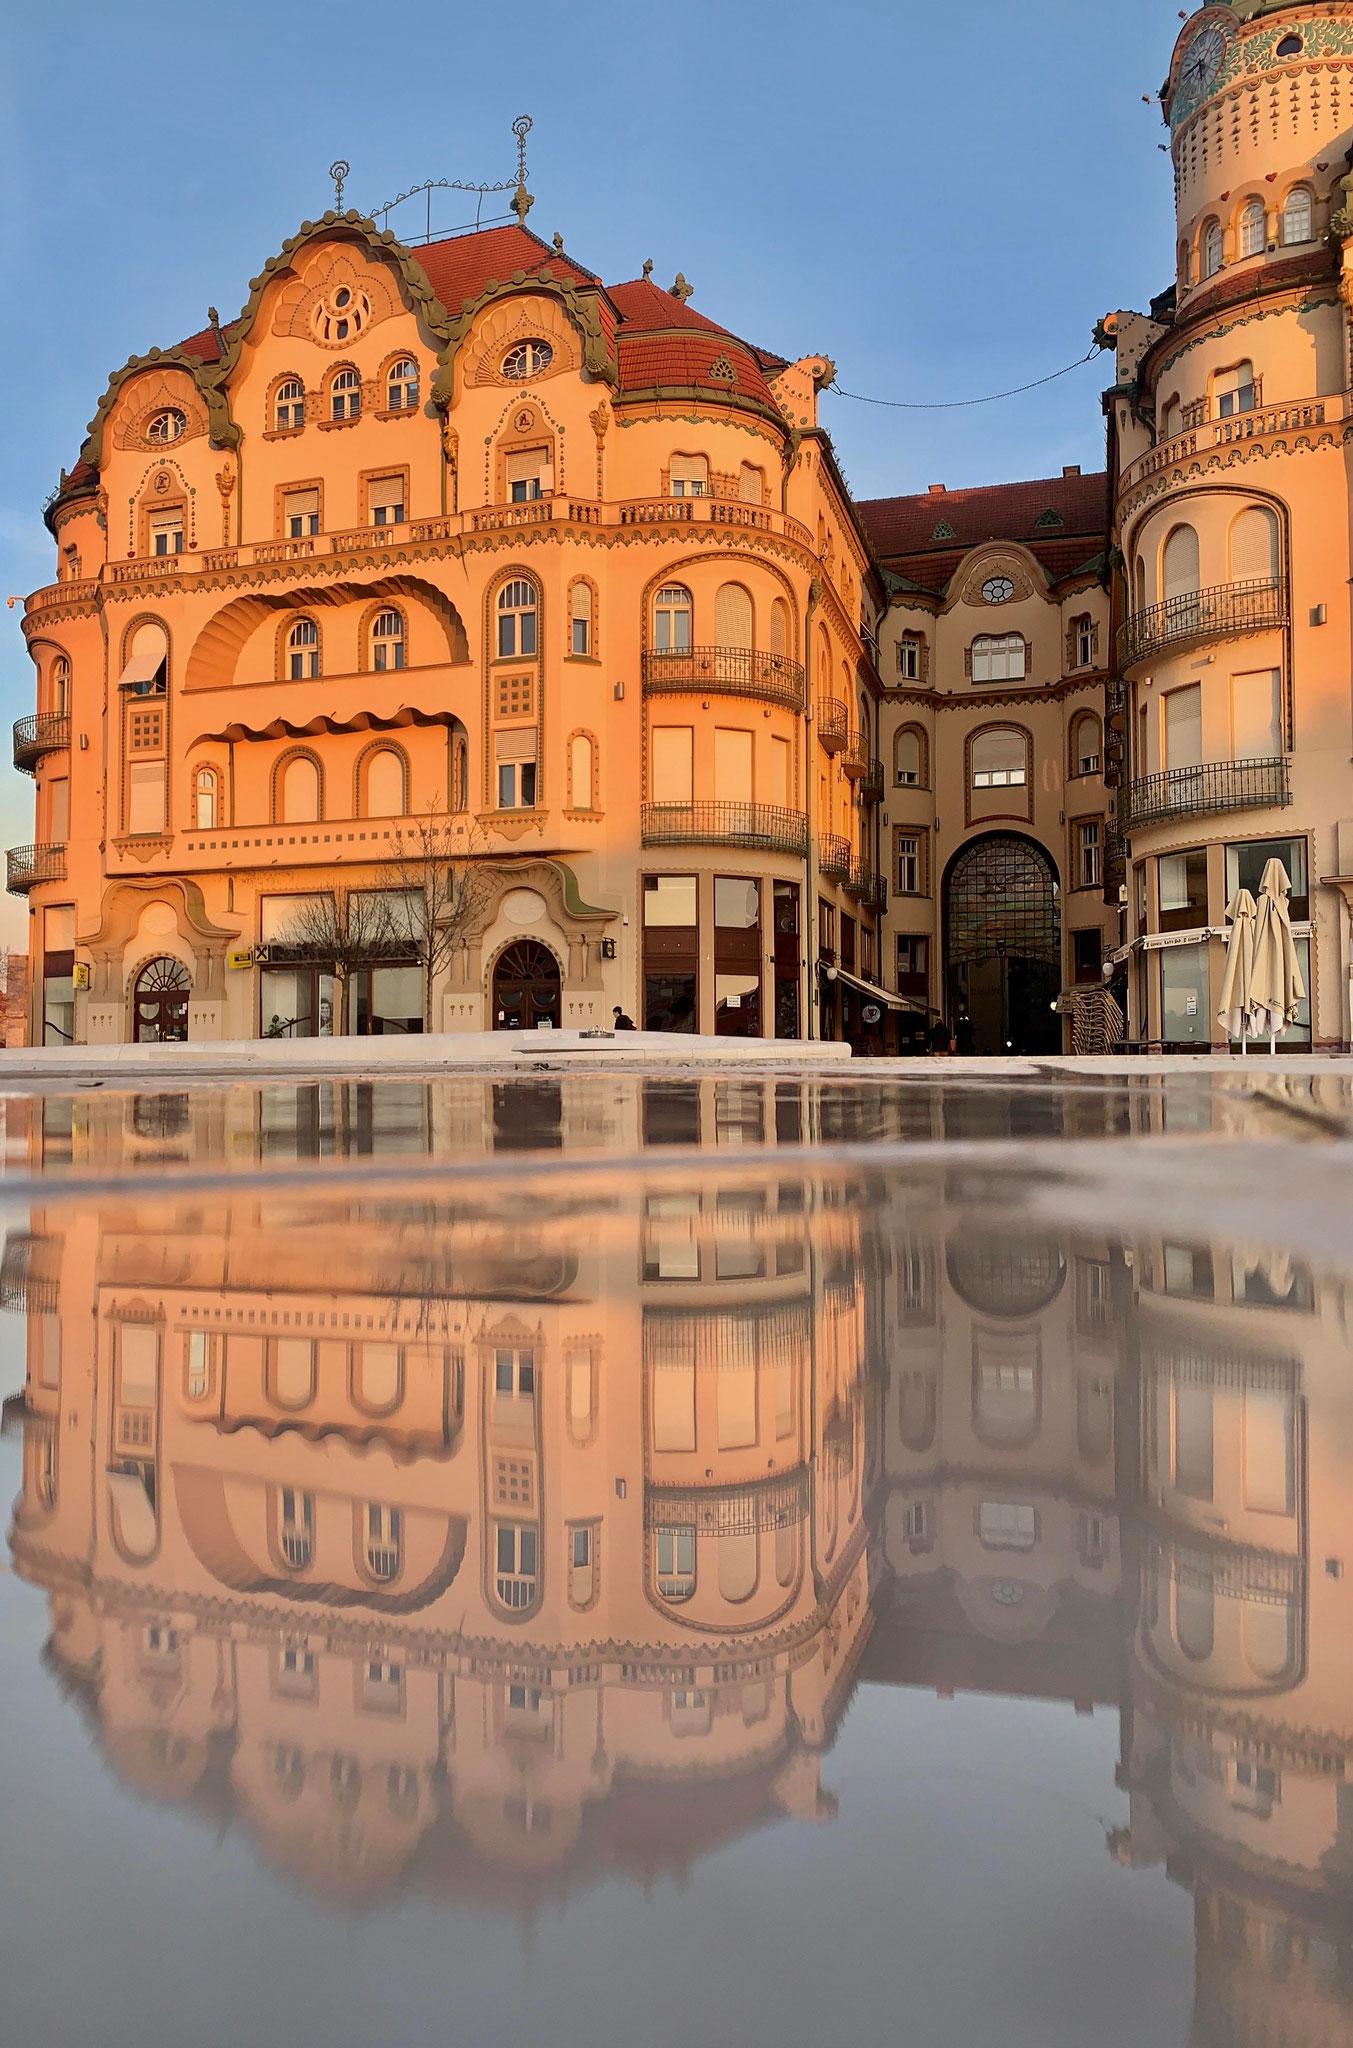 Foto: Balla Imola-Anna (Oradea / Nagyvárad)